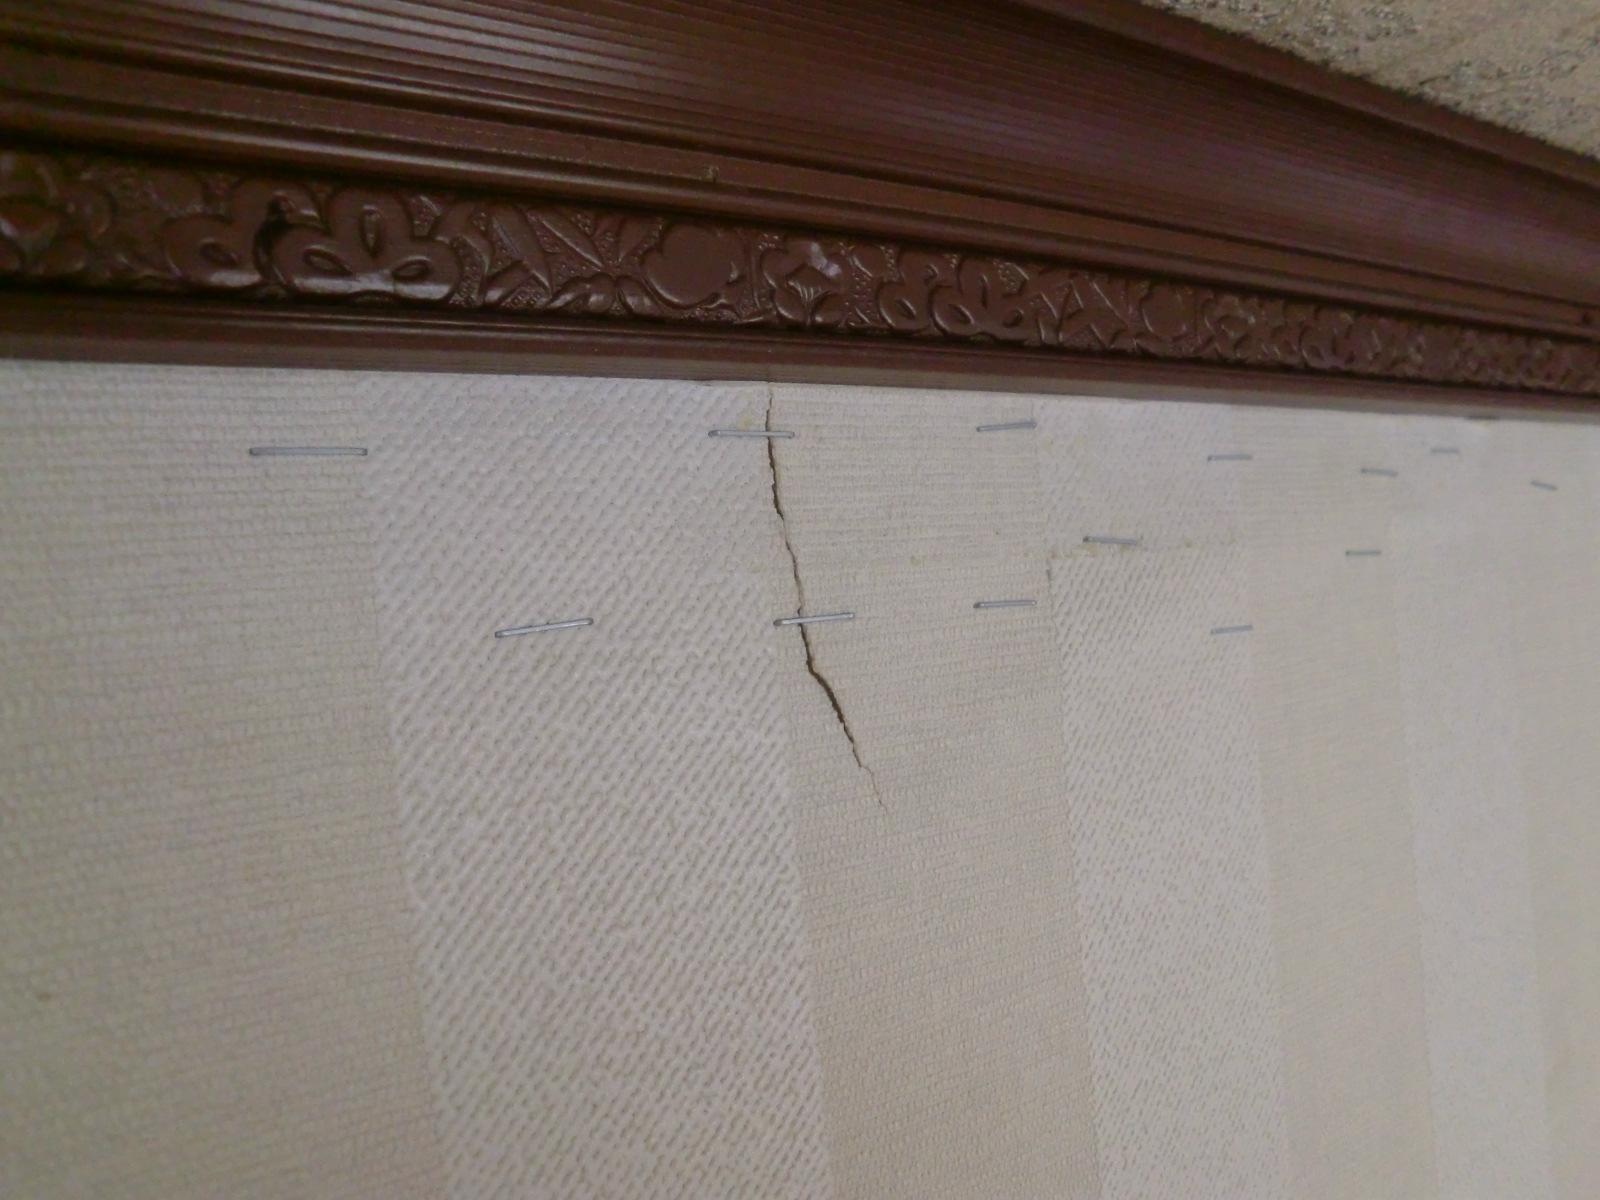 ビニールクロスの壁に珪藻土を塗る 準備の日 玉木 松森のしあわせ日和 青森県八戸市リフォームしあわせ工房